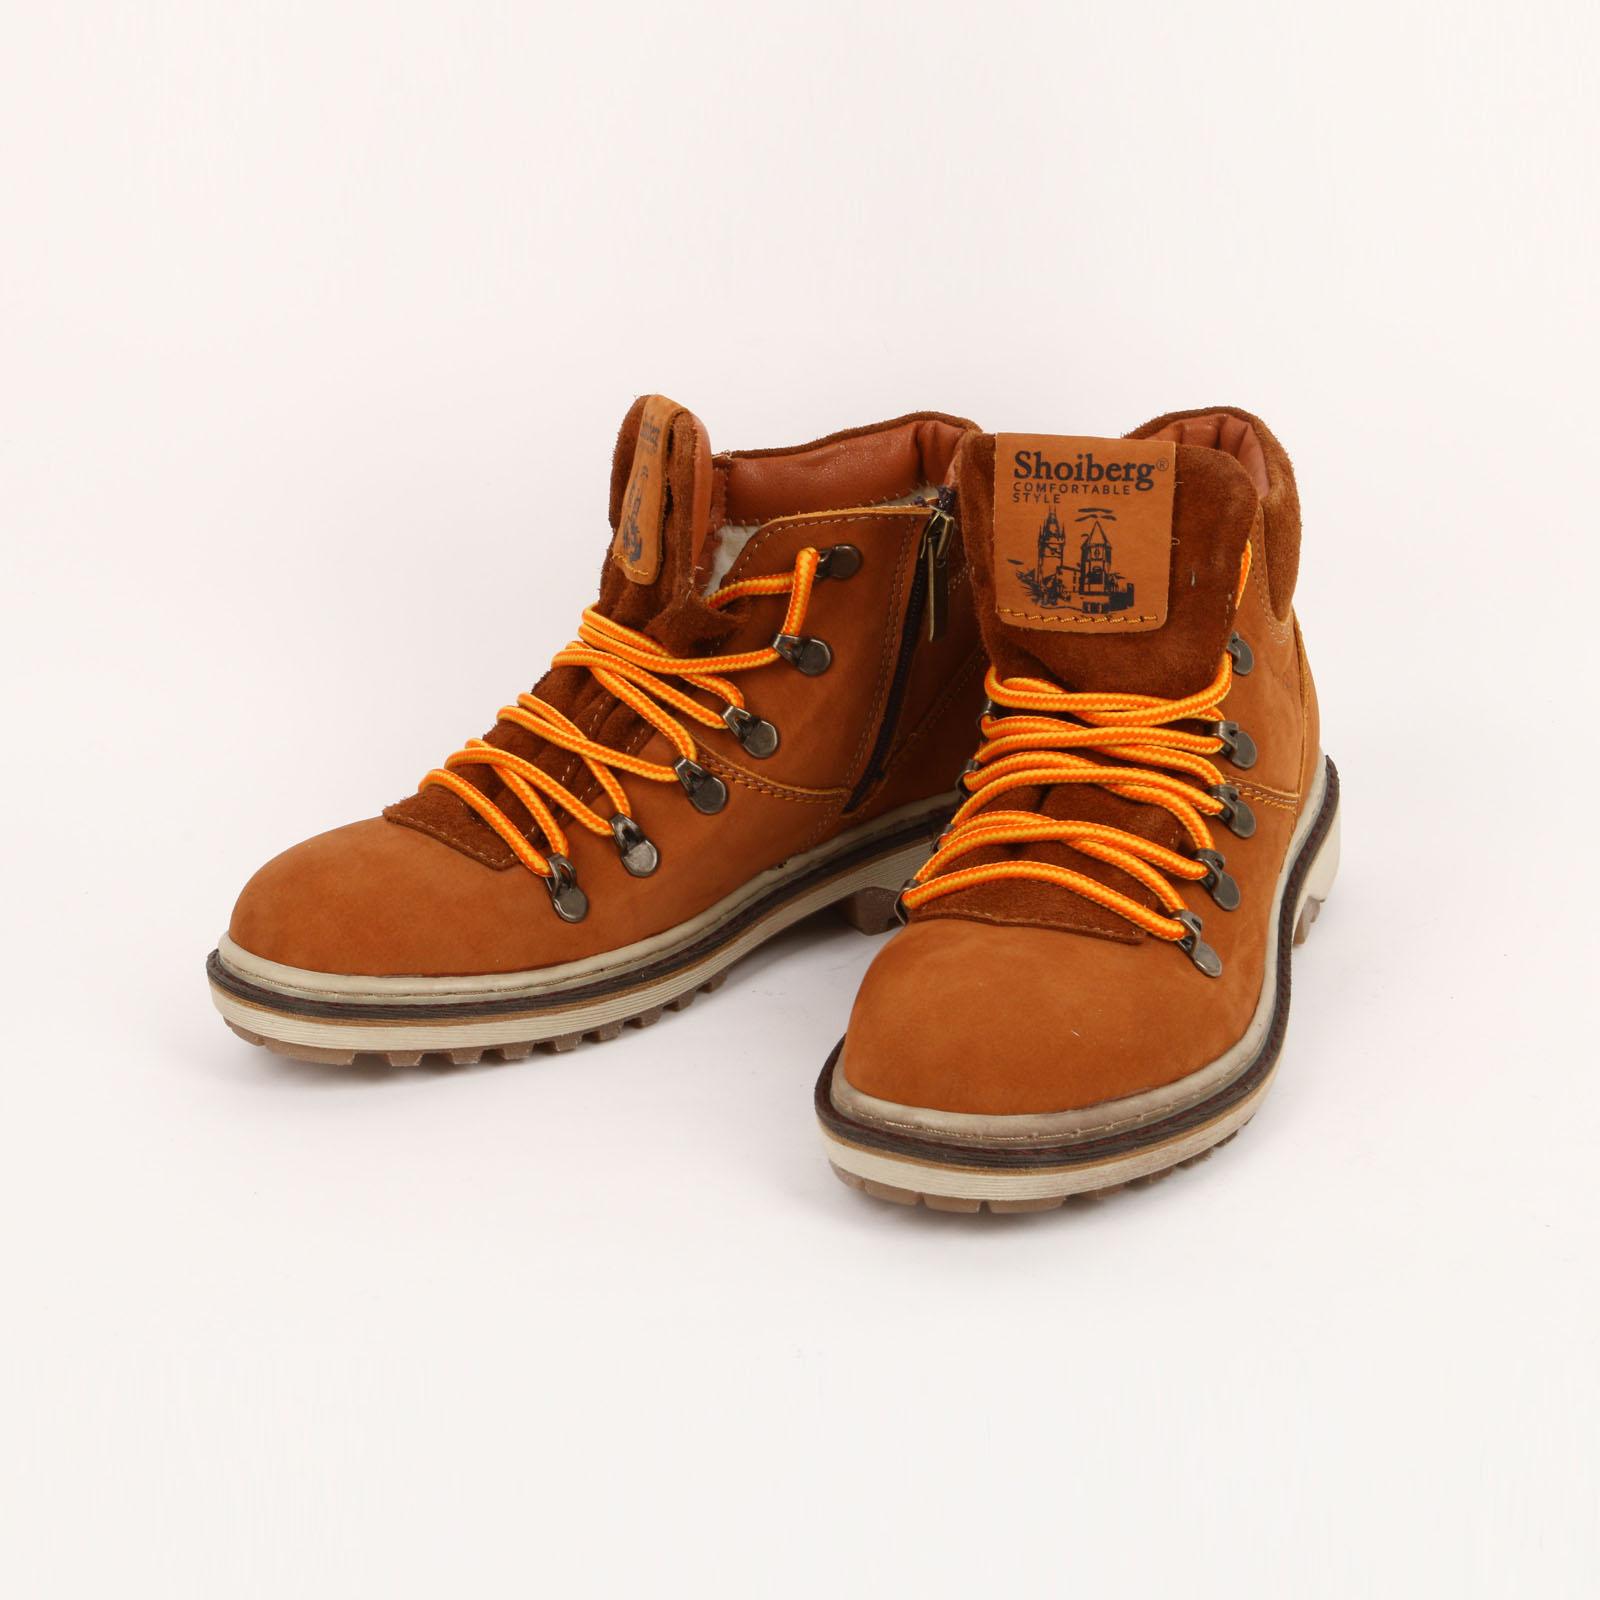 Высокие женские ботинки на составной подошве обувь shoiberg